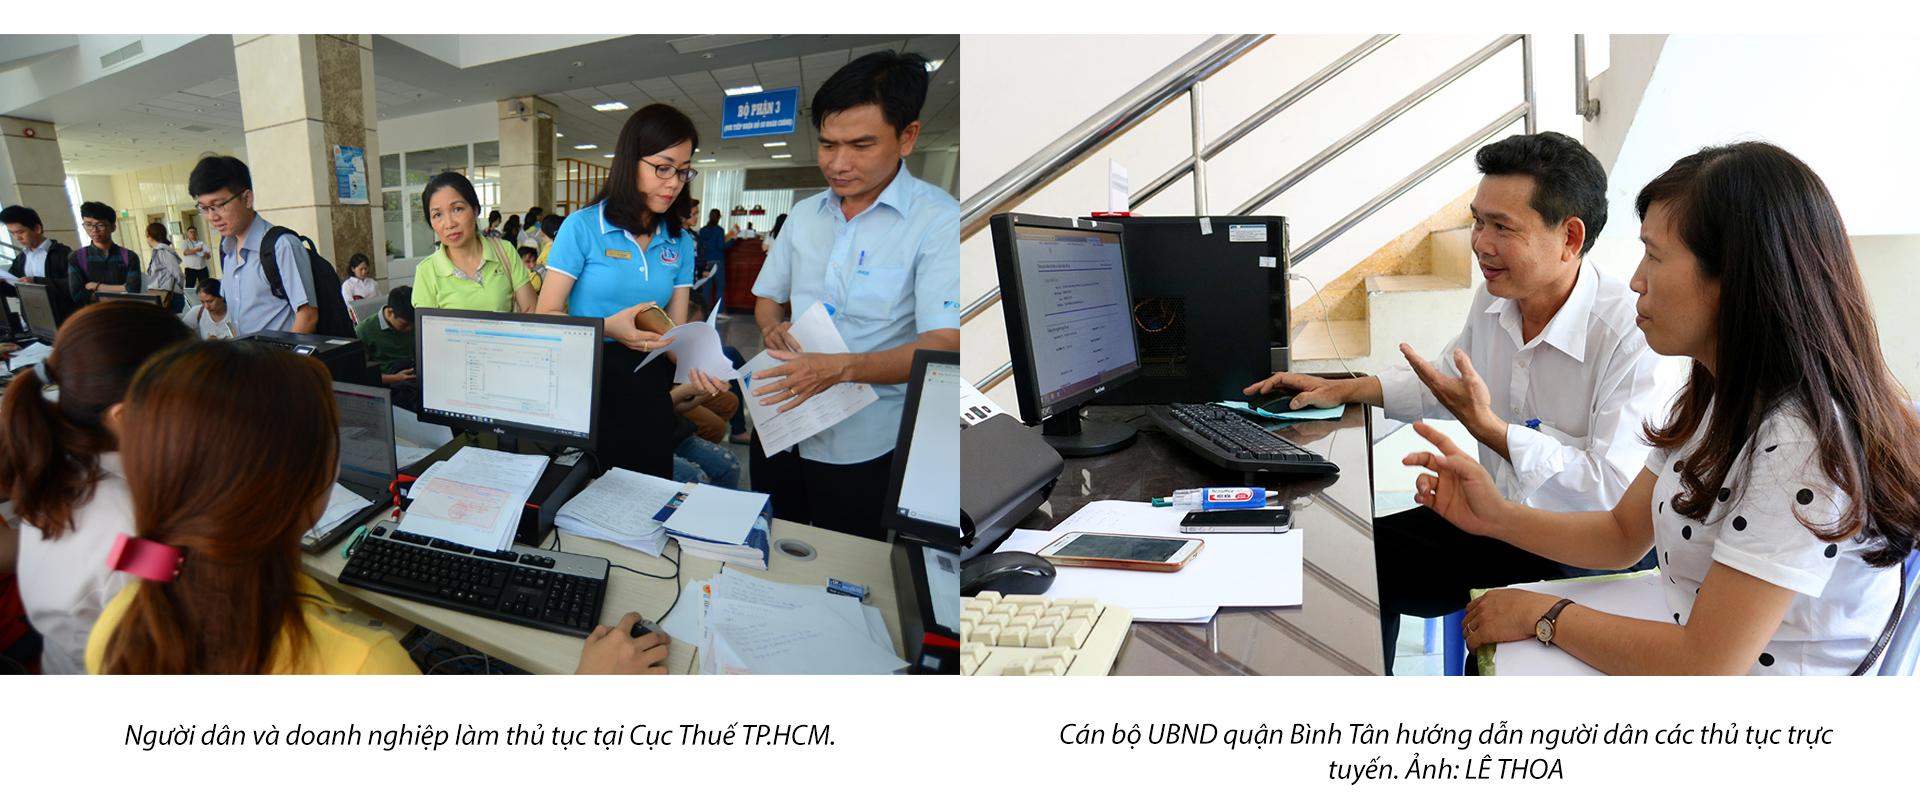 Emagazine: 5 thành tựu lớn của TP.HCM trong nhiệm kỳ 2015-2020 - ảnh 20